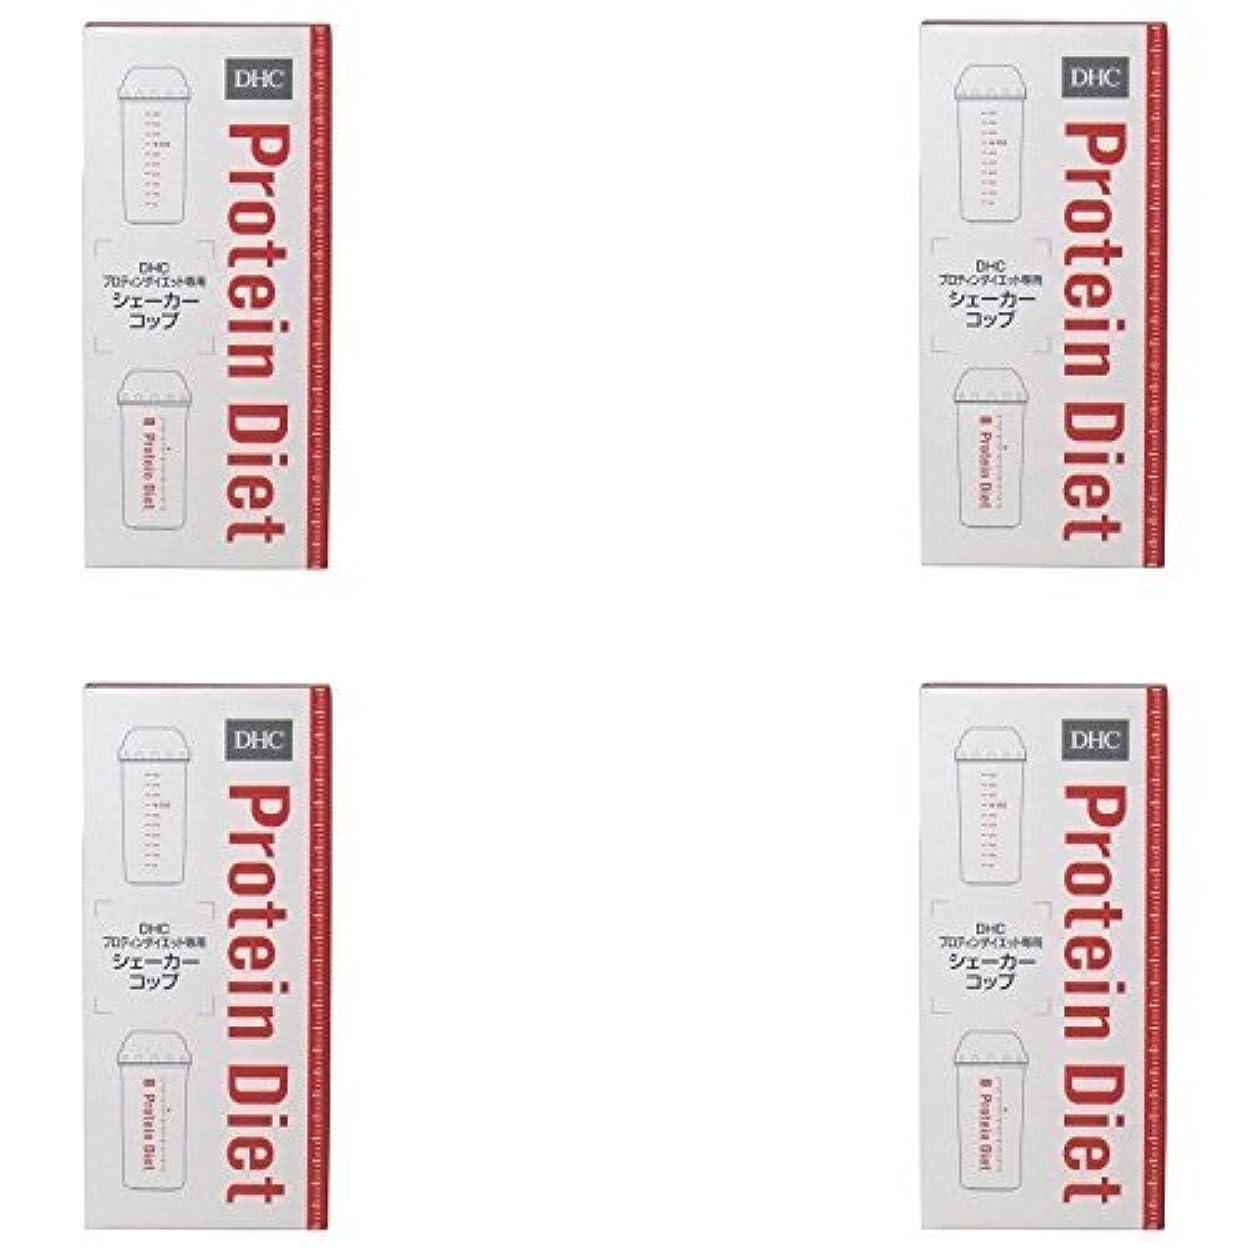 【まとめ買い】DHC プロティンダイエット専用シェーカーコップ 1個【×4セット】